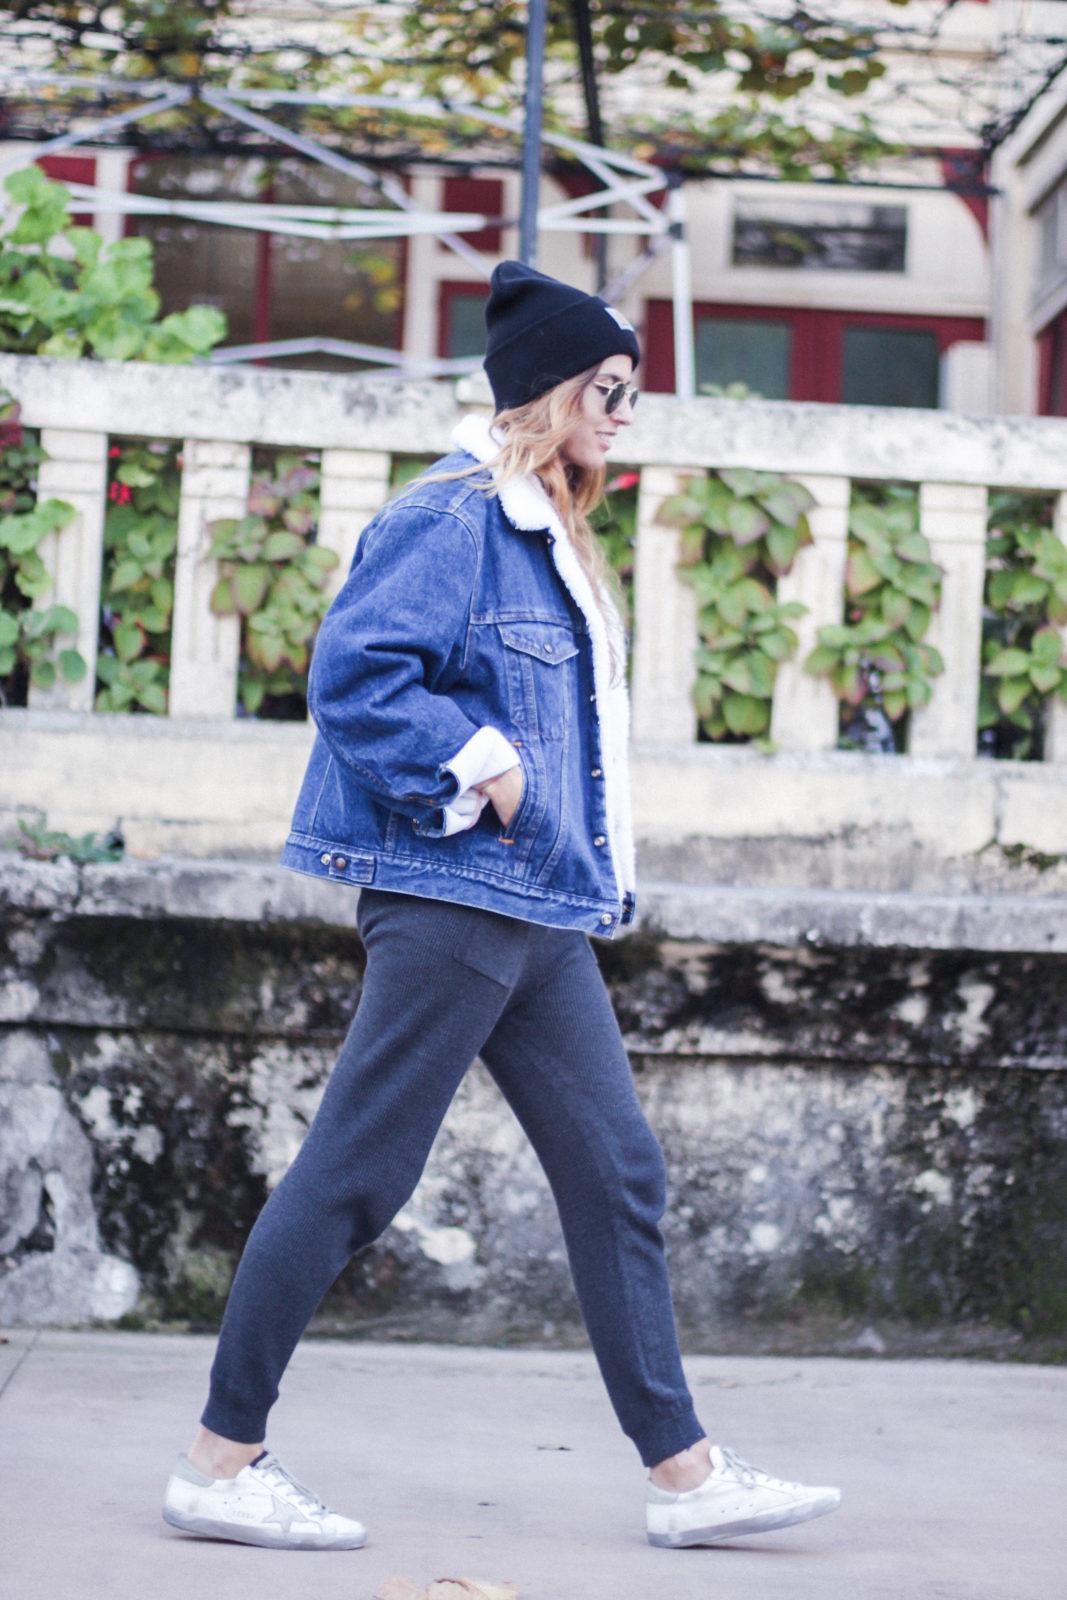 cazadora_vaquera_de_borreguillo_levis_vintage_golden_goose_gorrito_beanie_tendencias_2016_fall_trends_street_style_choker_donkeycool-35